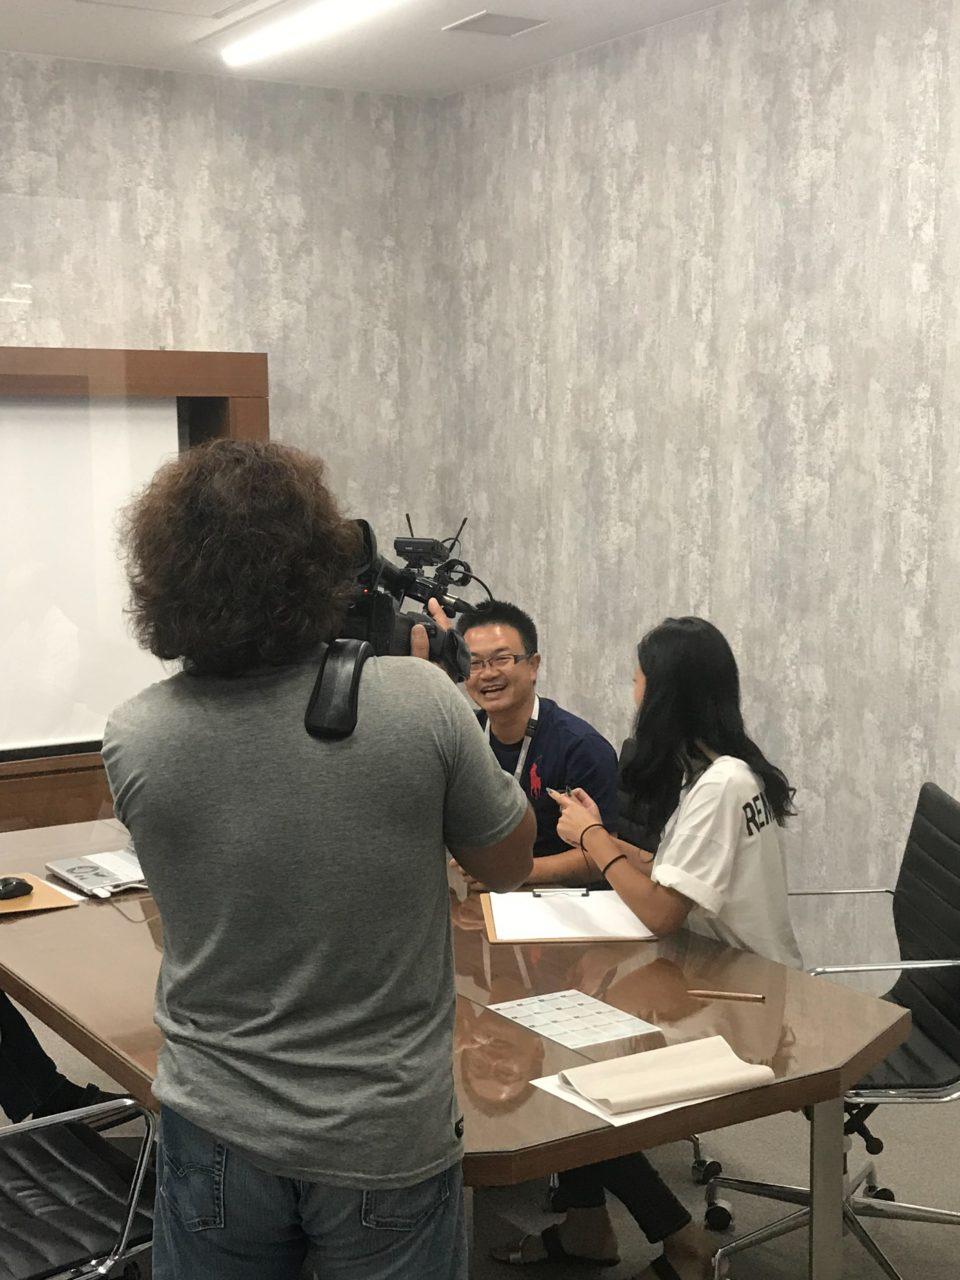 【開発速報】REALIS相羽純一氏の開発に潜入!!